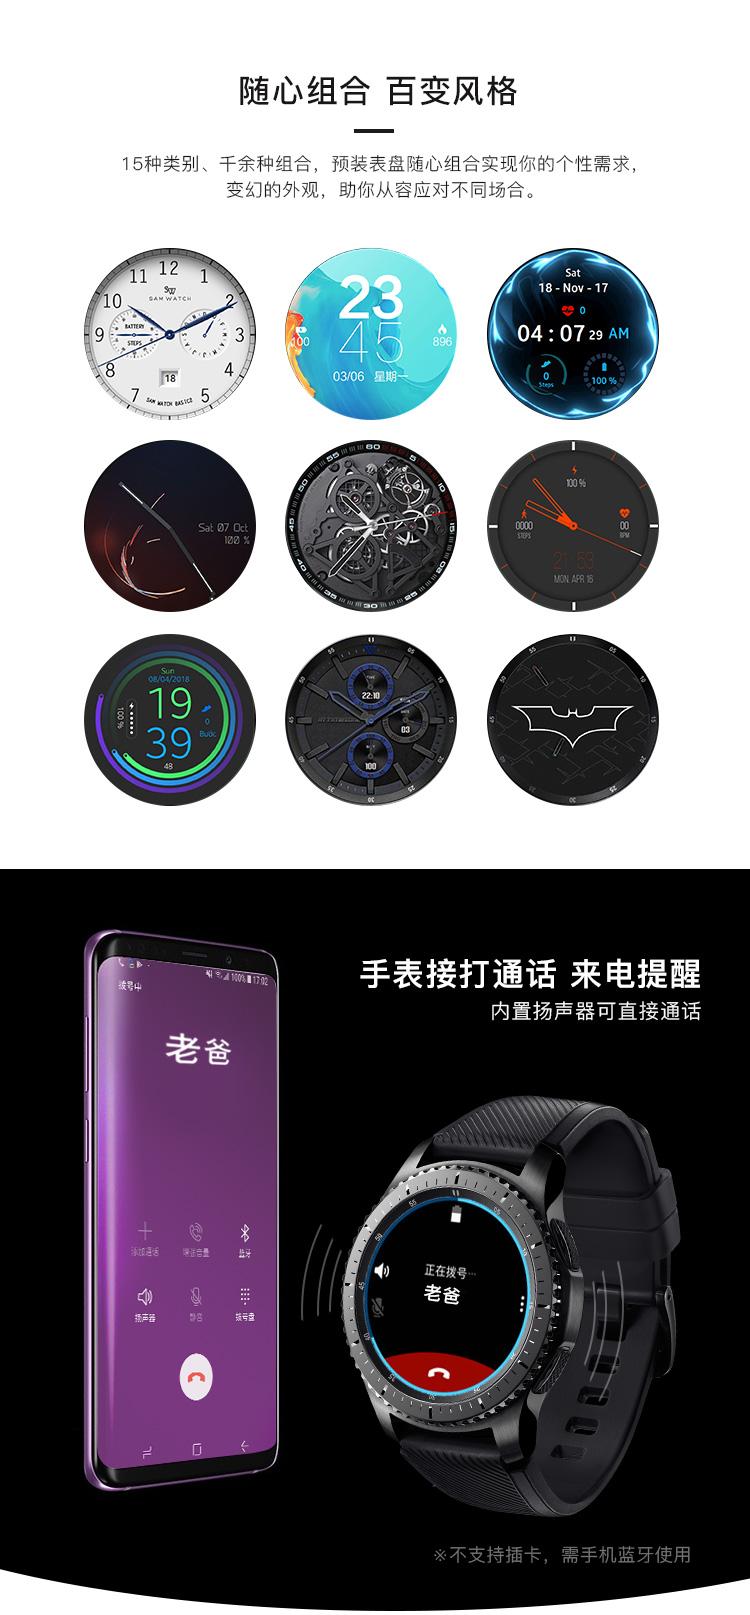 三星 (SAMSUNG)三星Gear S3智能手表 内置独立GPS三星手表 海拔高度 心率监测 户外跑表 先锋版Frontier-京东